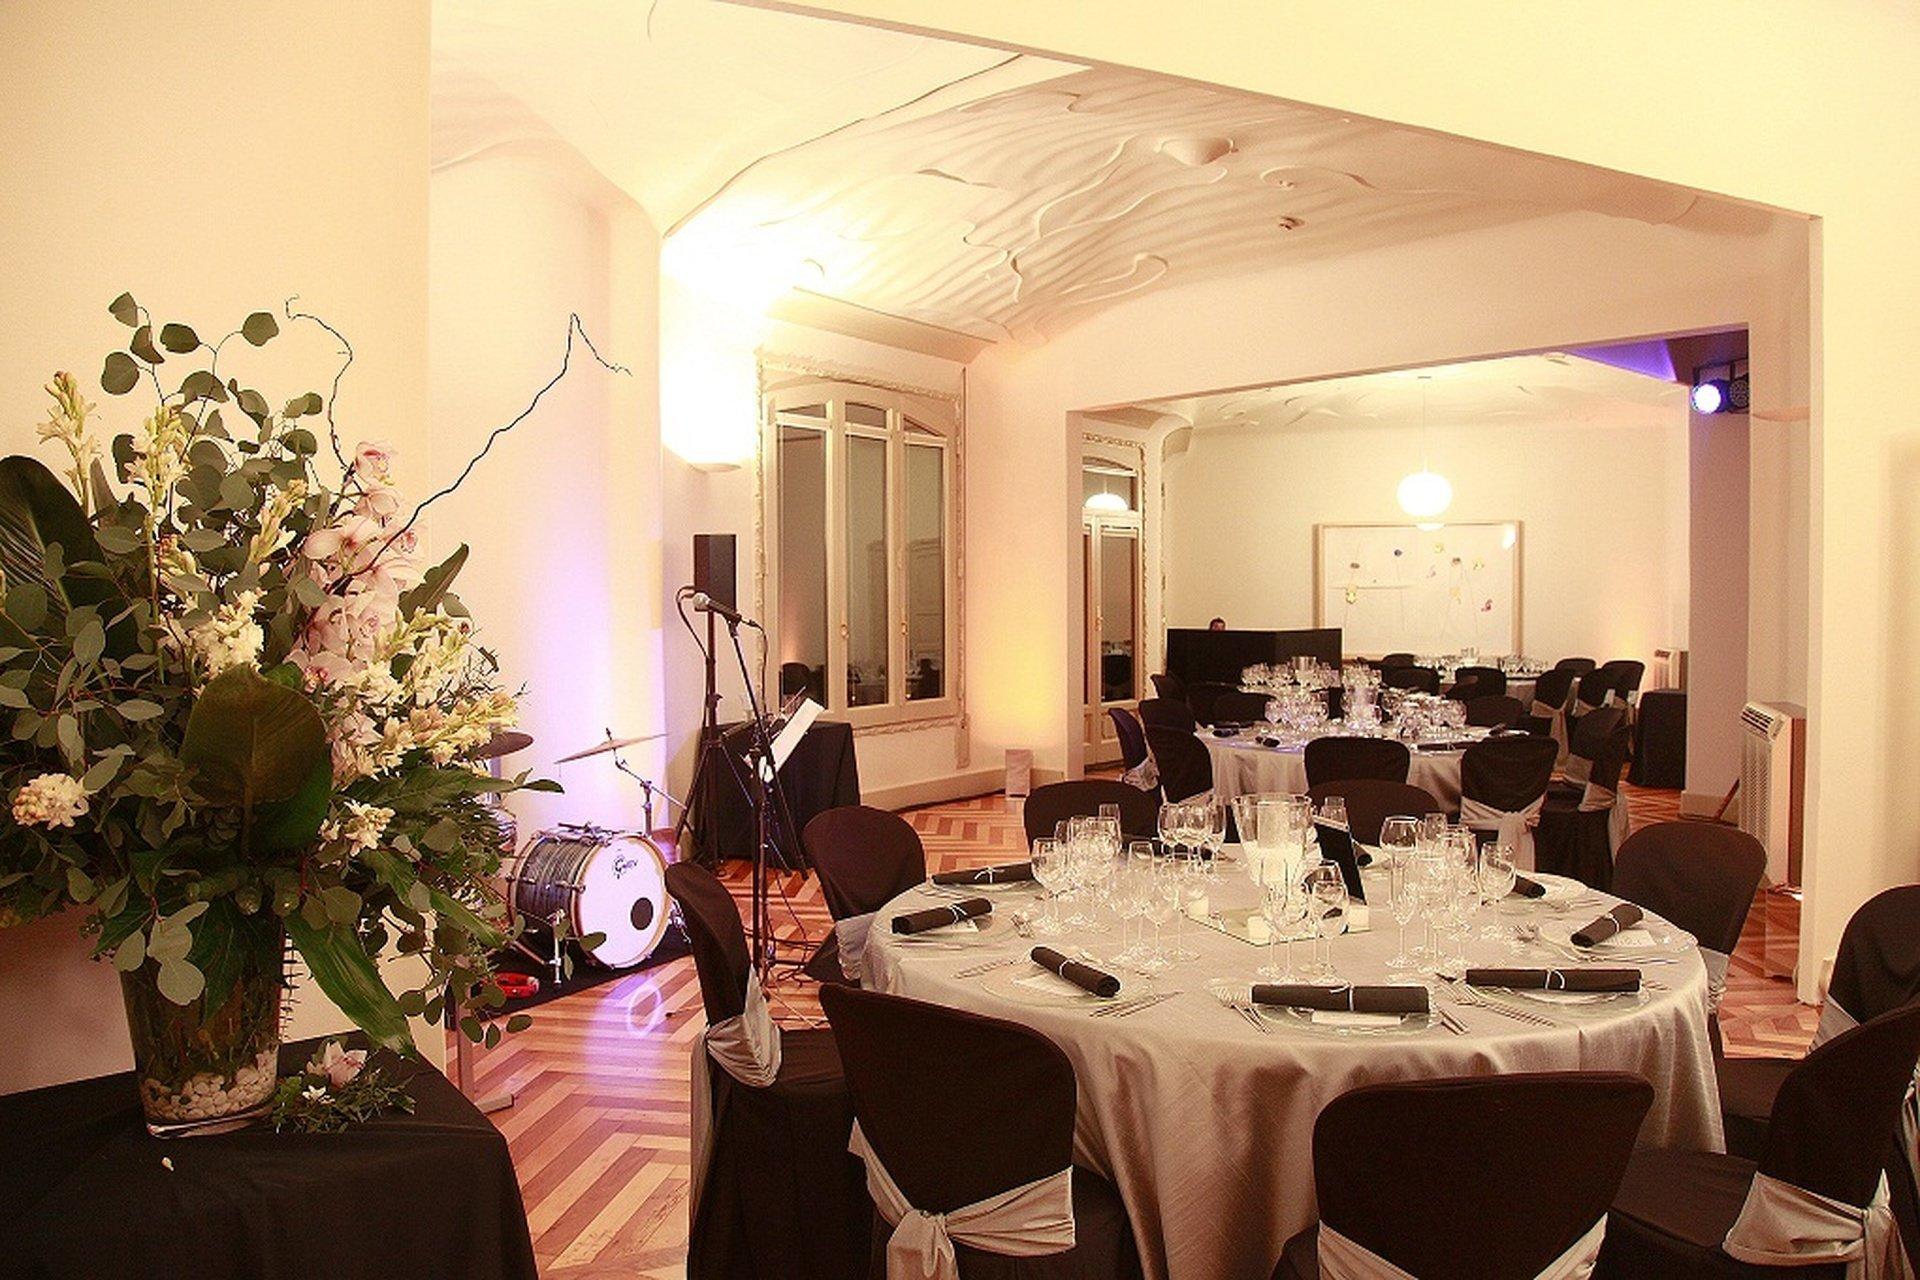 Barcelona corporate event venues Party room La Pedrera - Sala Passeig de Gràcia image 0